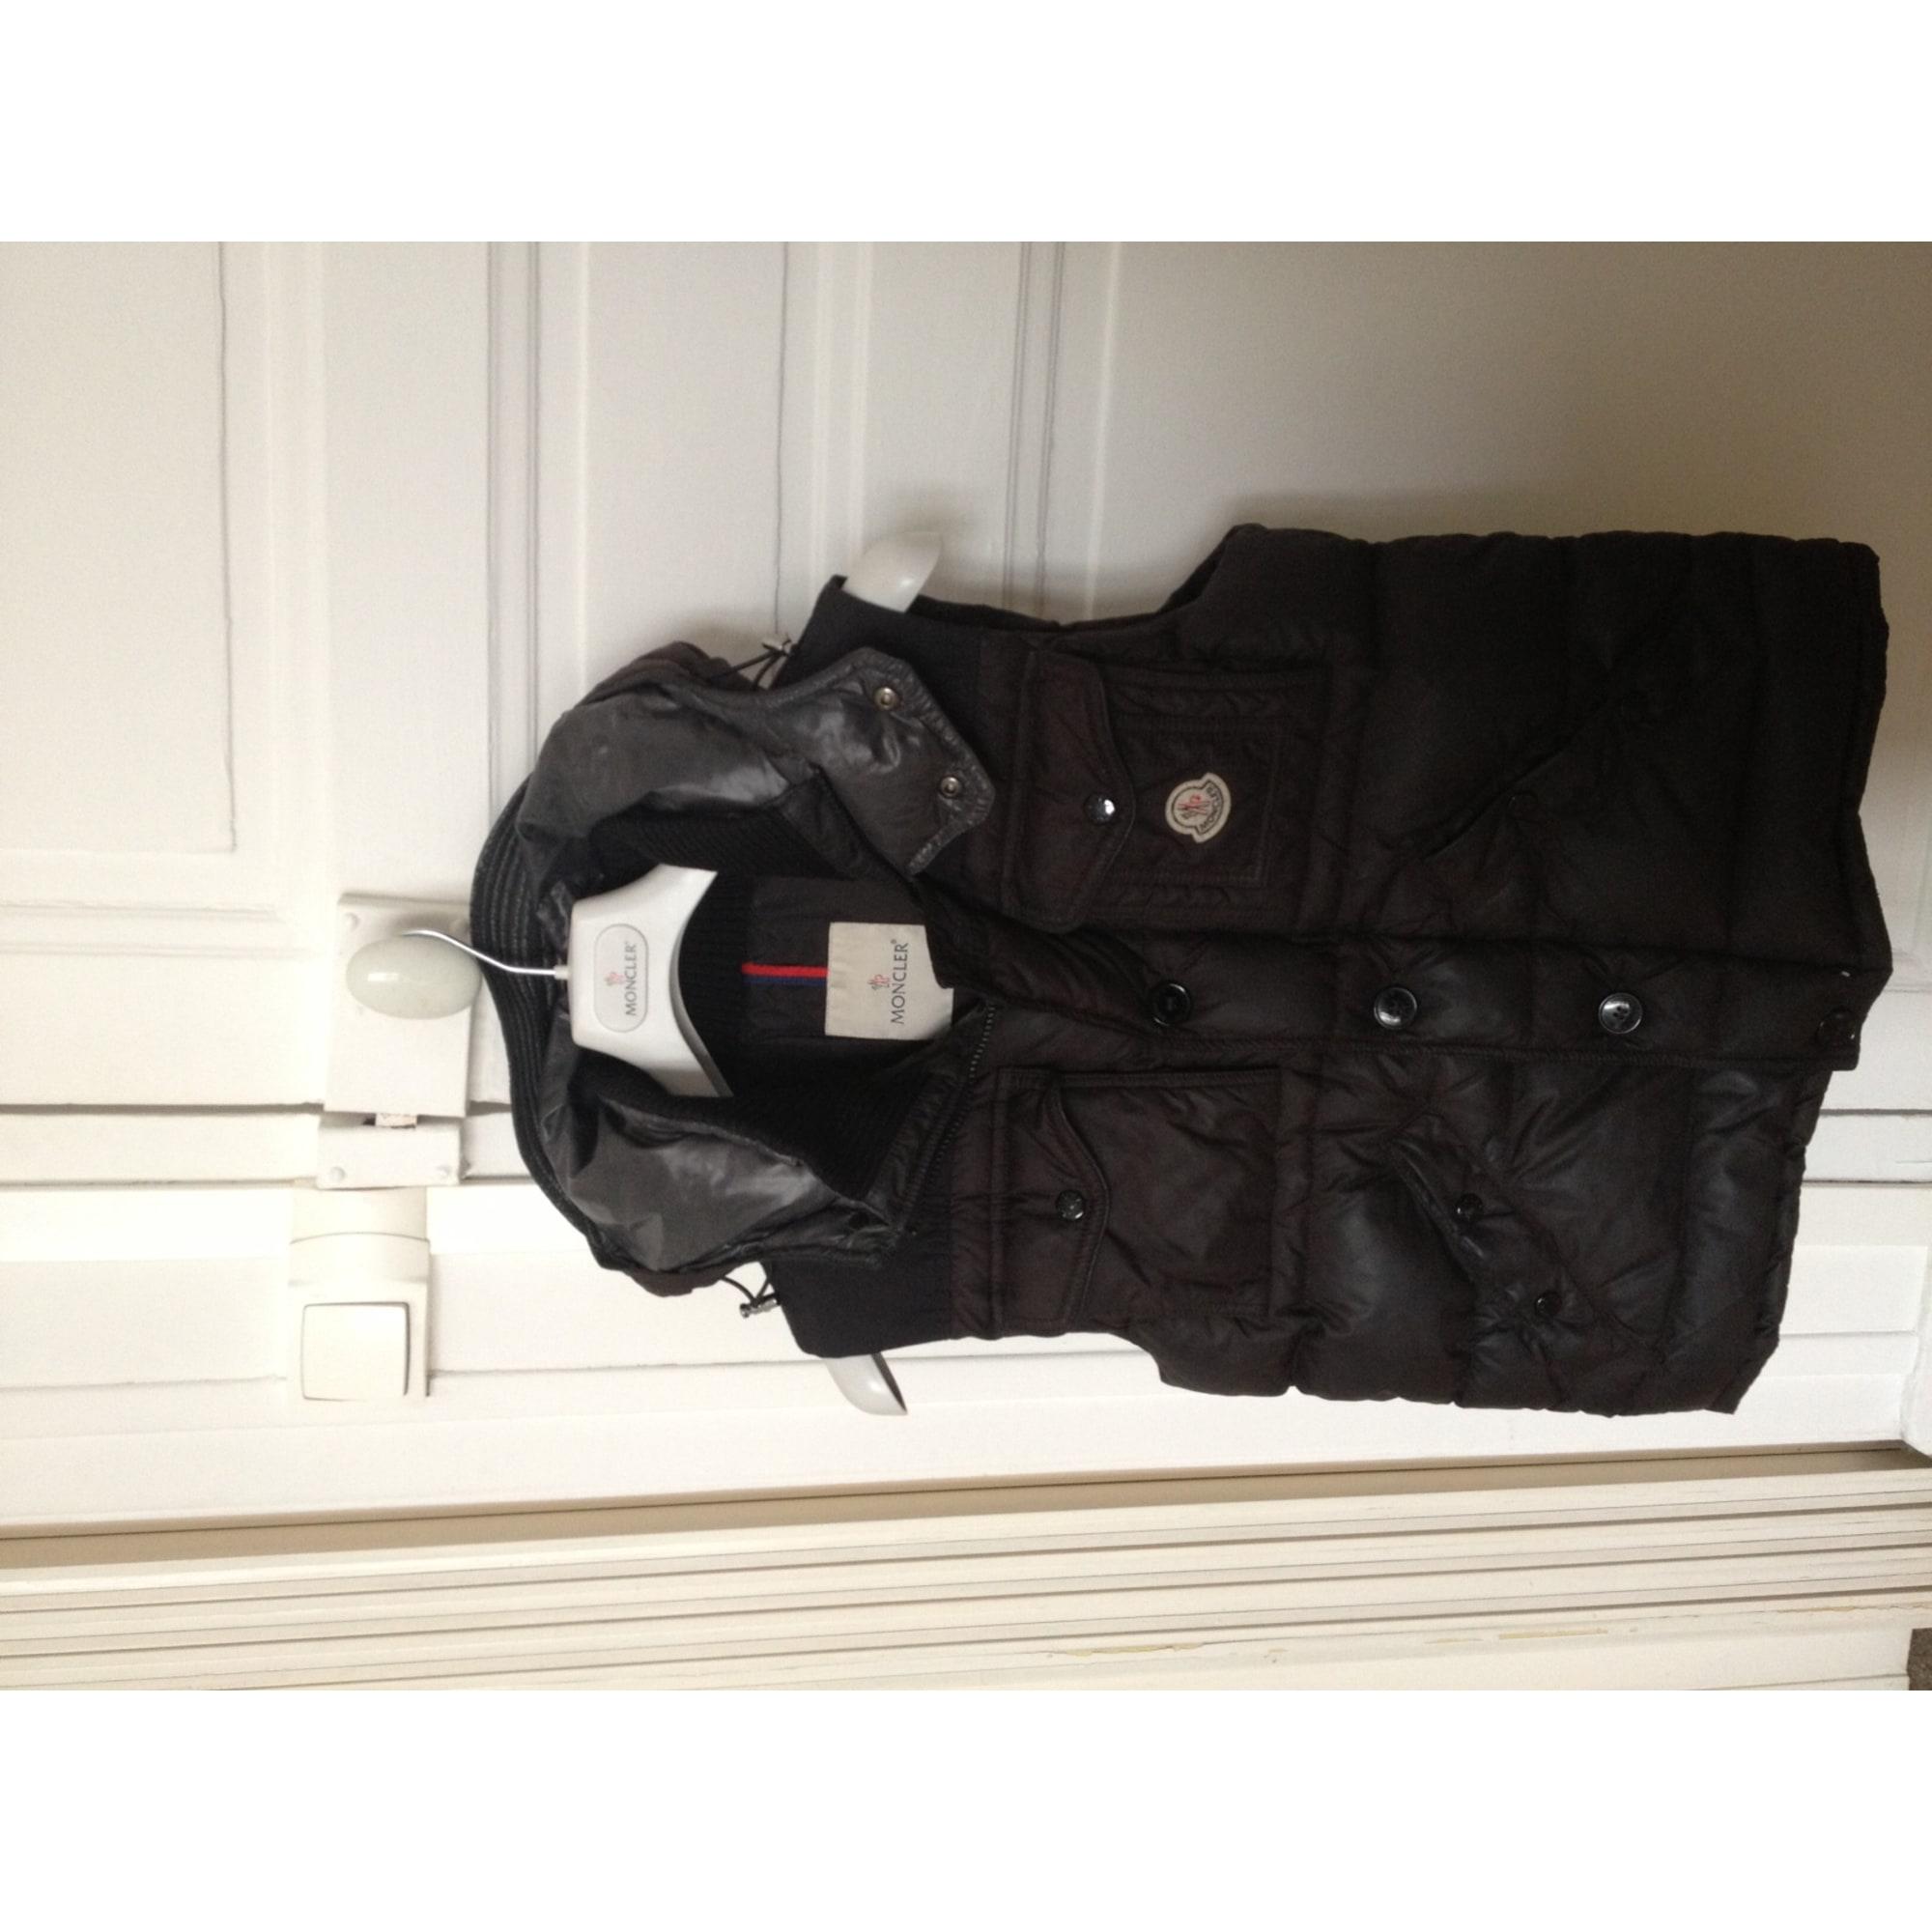 37bc1d74e007 Doudoune MONCLER 46 (S) noir vendu par Tristan72278 - 1062105